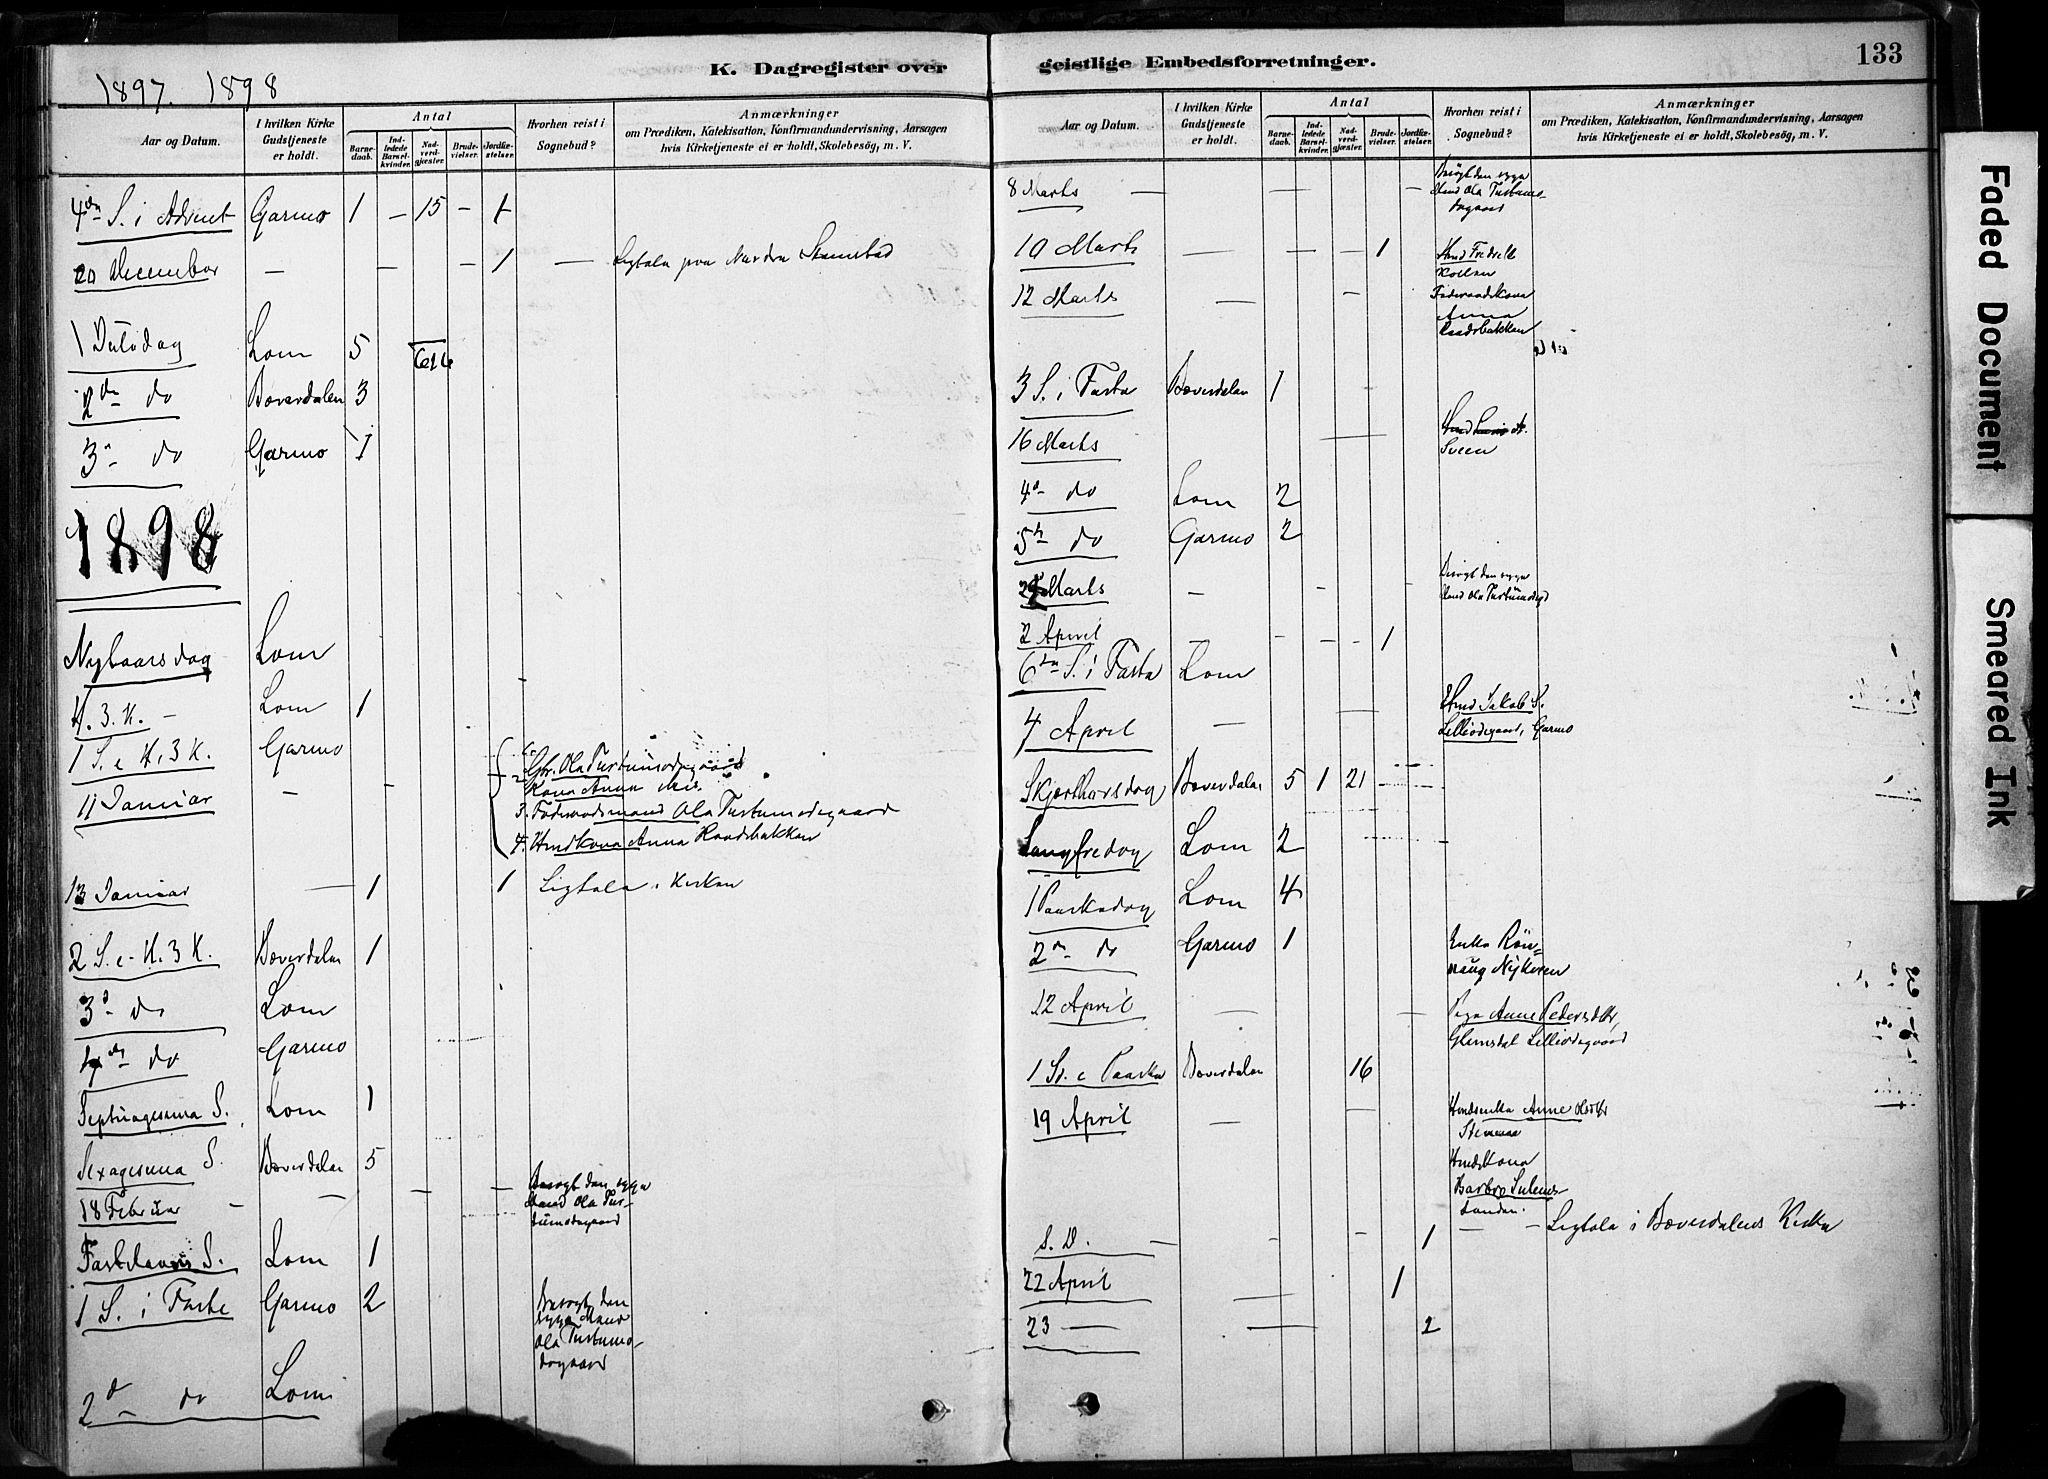 SAH, Lom prestekontor, K/L0009: Ministerialbok nr. 9, 1878-1907, s. 133